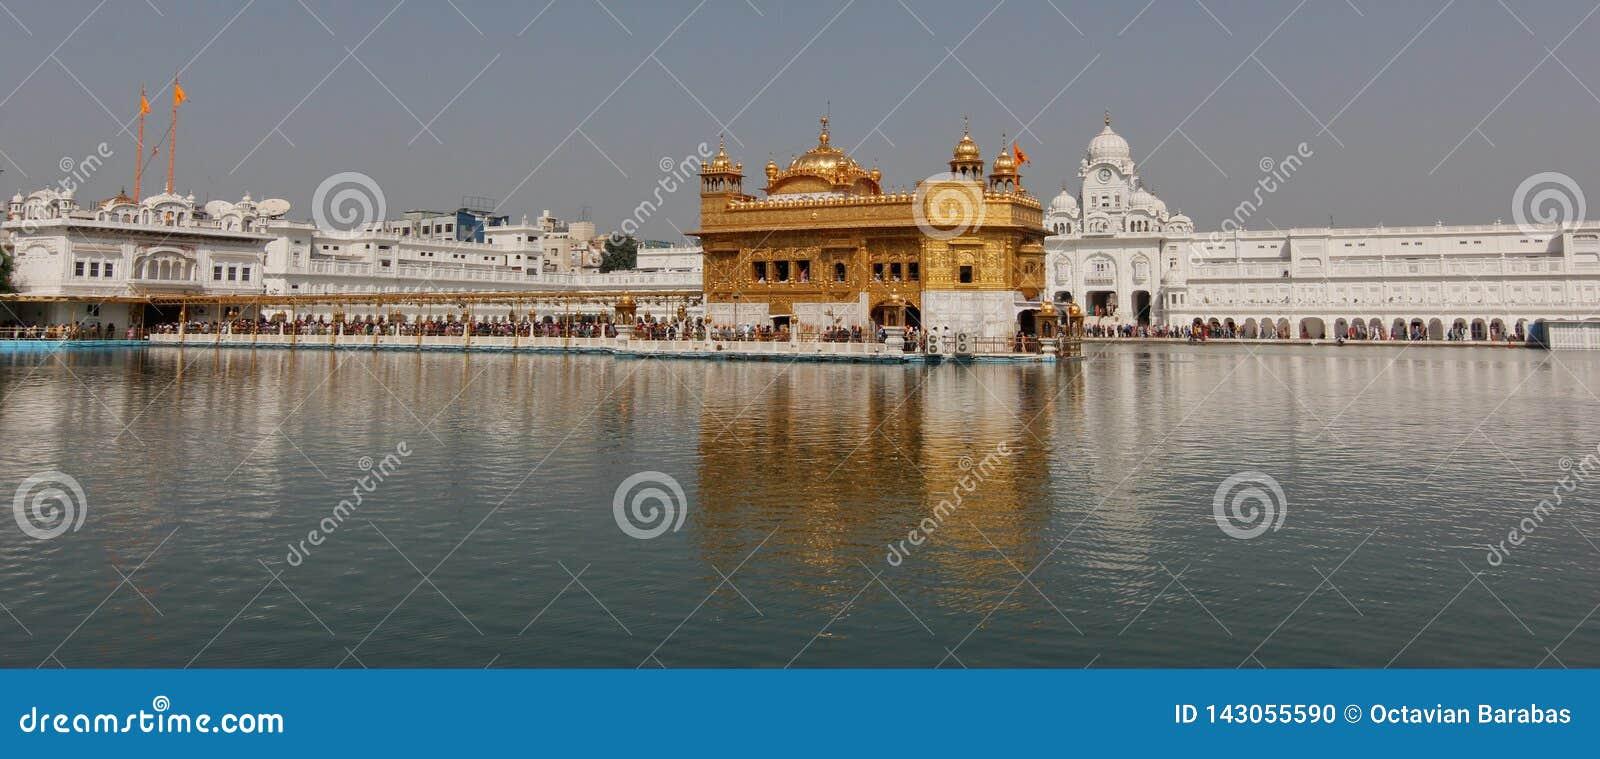 Złota świątynia w Amritsar, India/